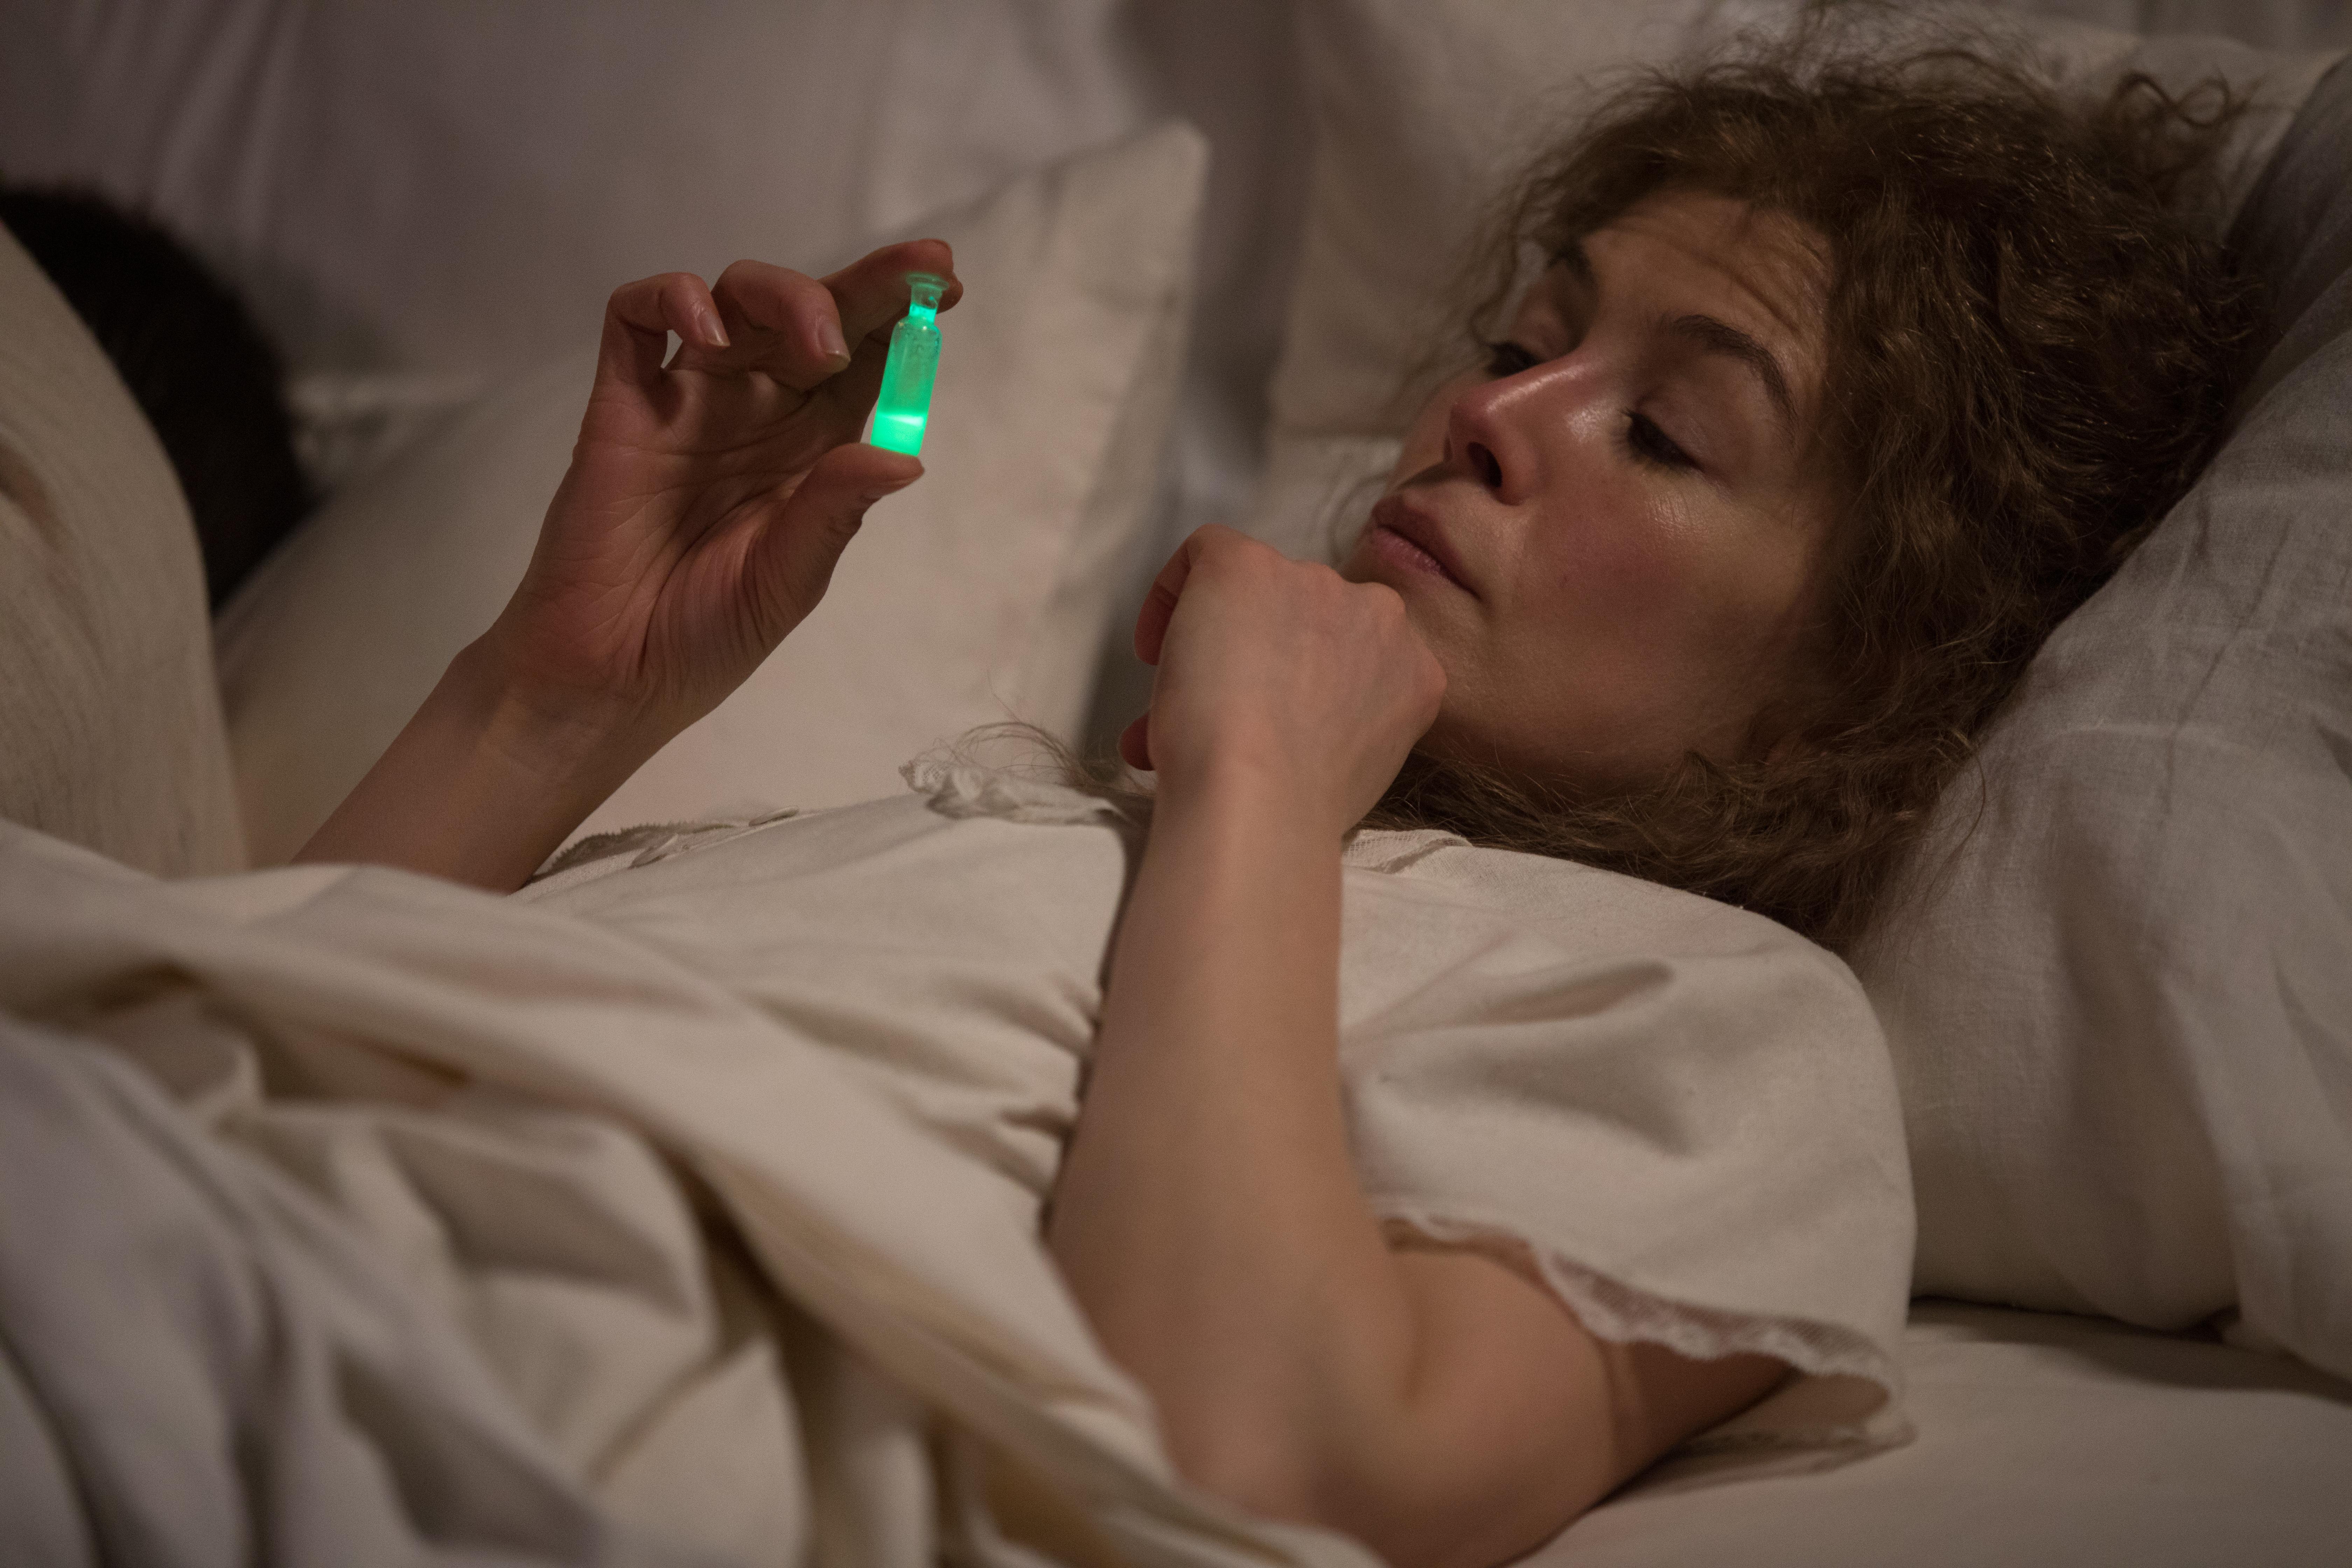 Die Schauspielerin Rosamund Pike spielt Marie Curie. Die blonde Frau liegt im weißen Nachthemd im Bett und betrachtet vertieft ein kleines Fläschchen mit einer leuchtend grünen Flüssigkeit darin.